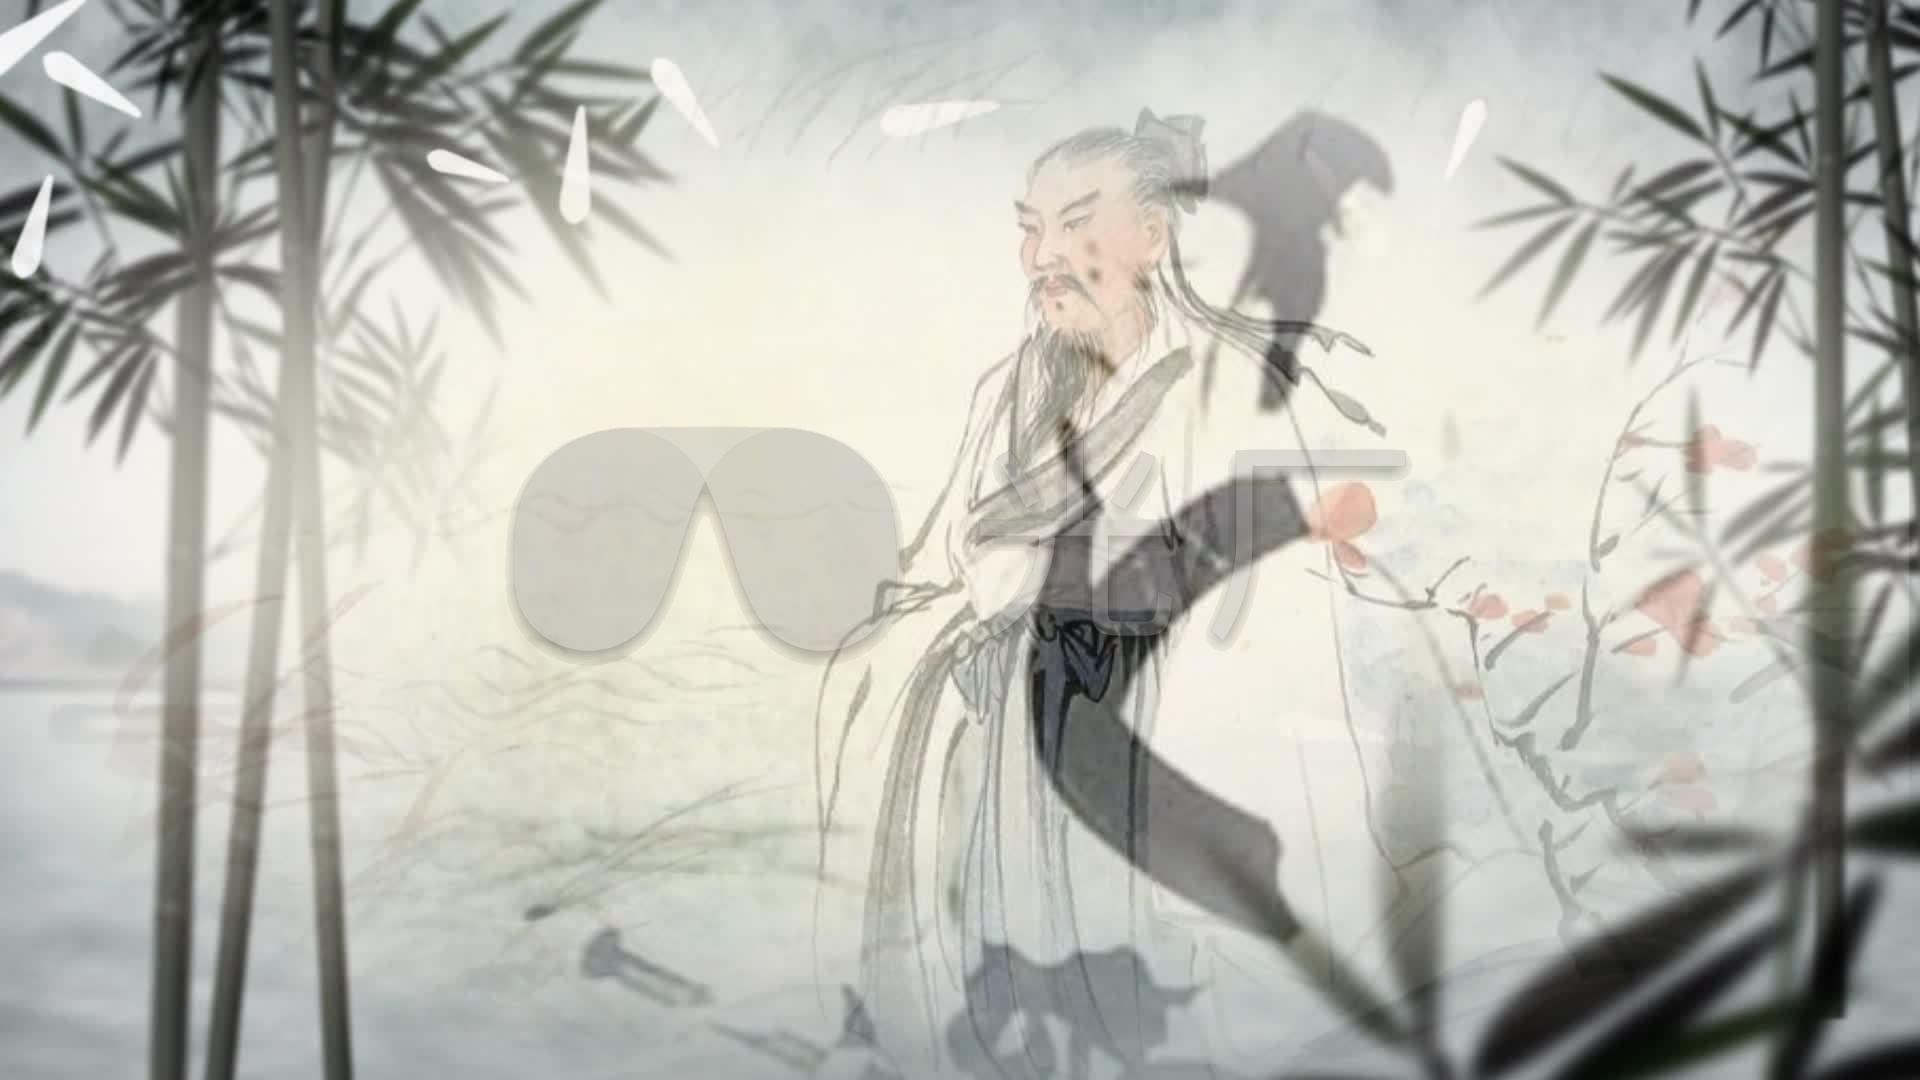 骚张一一视频纪念屈原歌曲舞台背景配乐成_1lol王离骚蛮图片